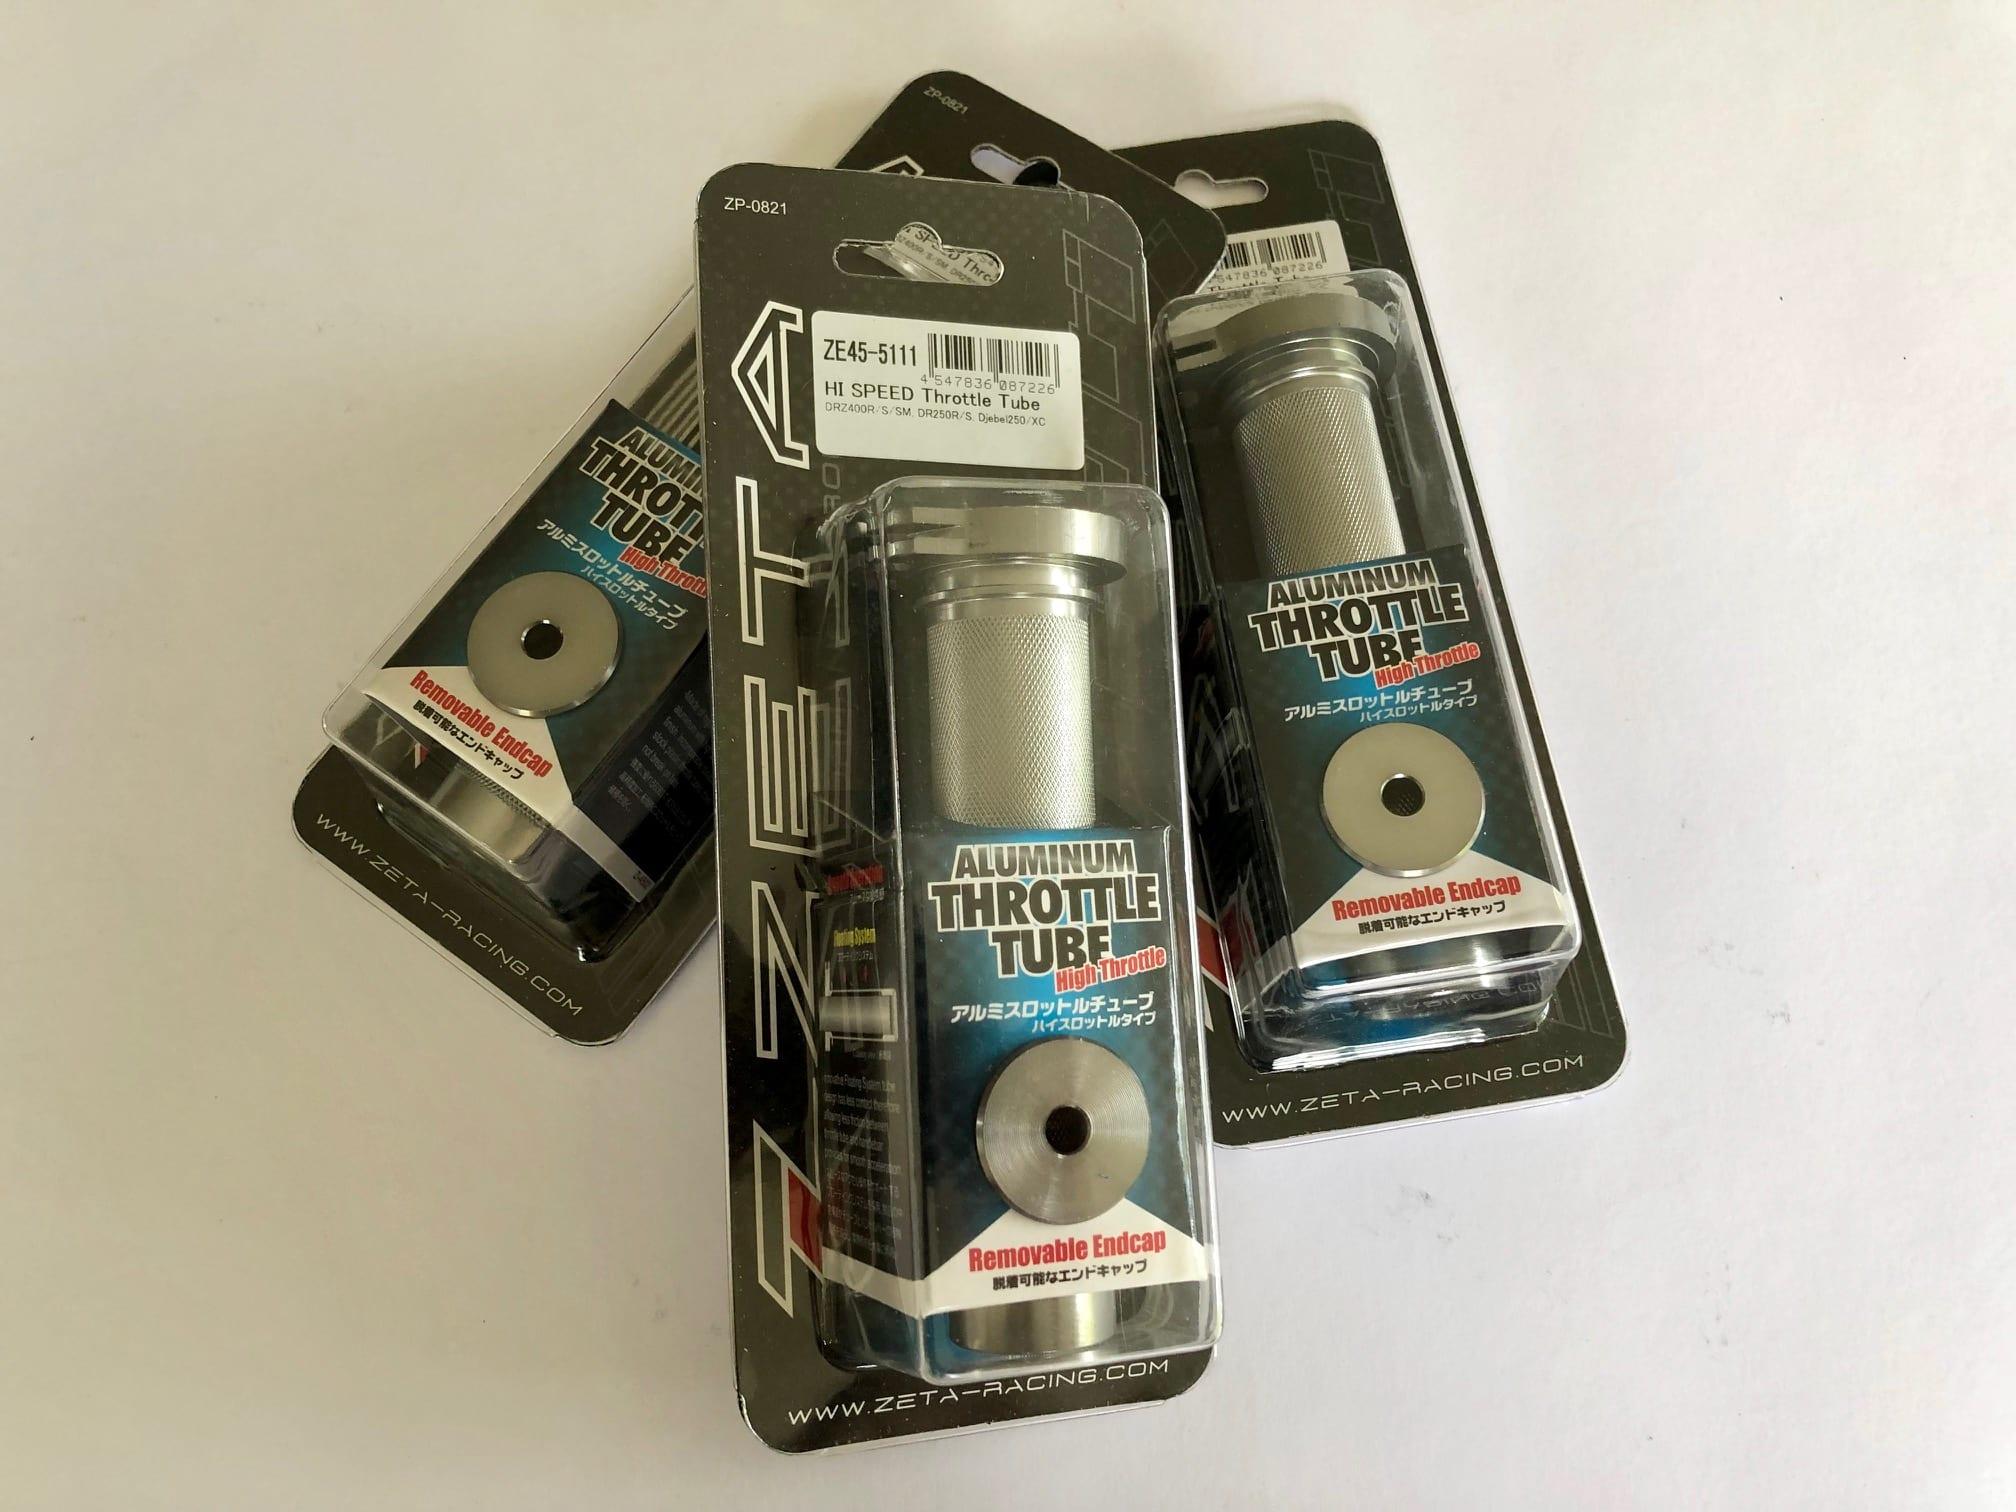 Zeta DRZ/DR Hi-Speed Throttle Tube